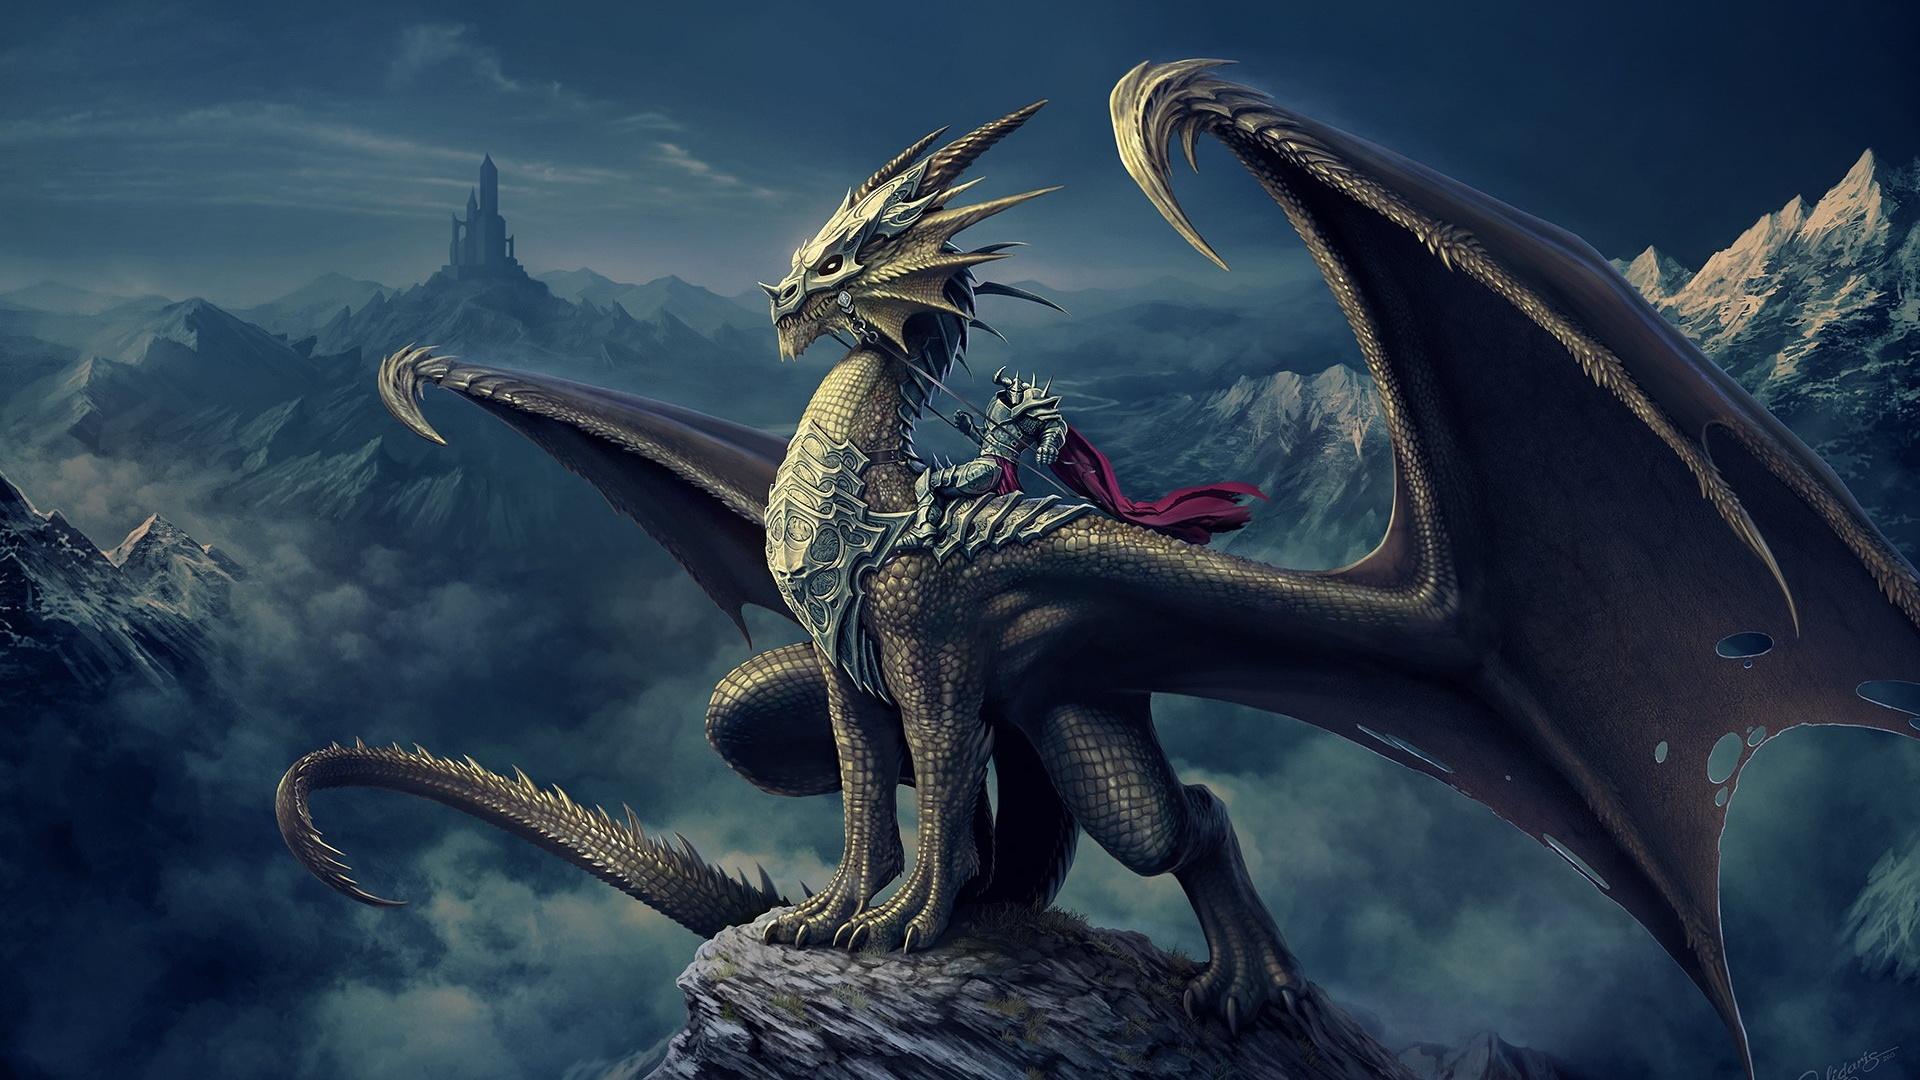 Dragon Wallpaper 1920X1080 wallpaper   1243338 1920x1080